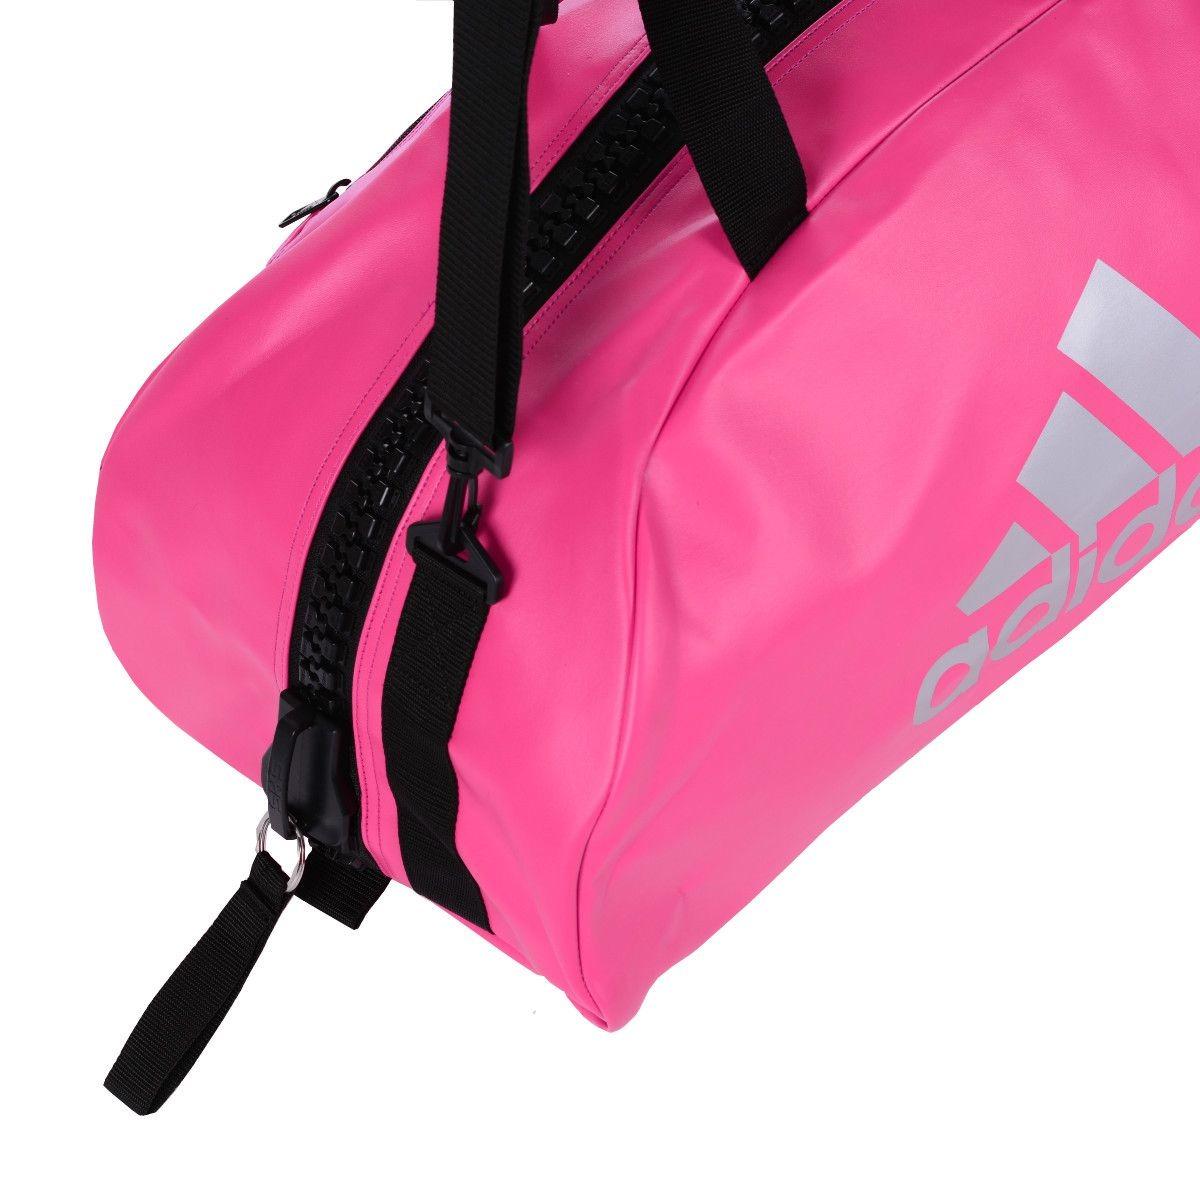 6c18569db Bolsa Mochila adidas Karate 2in1 Pu Rosa/prata - R$ 454,90 em ...